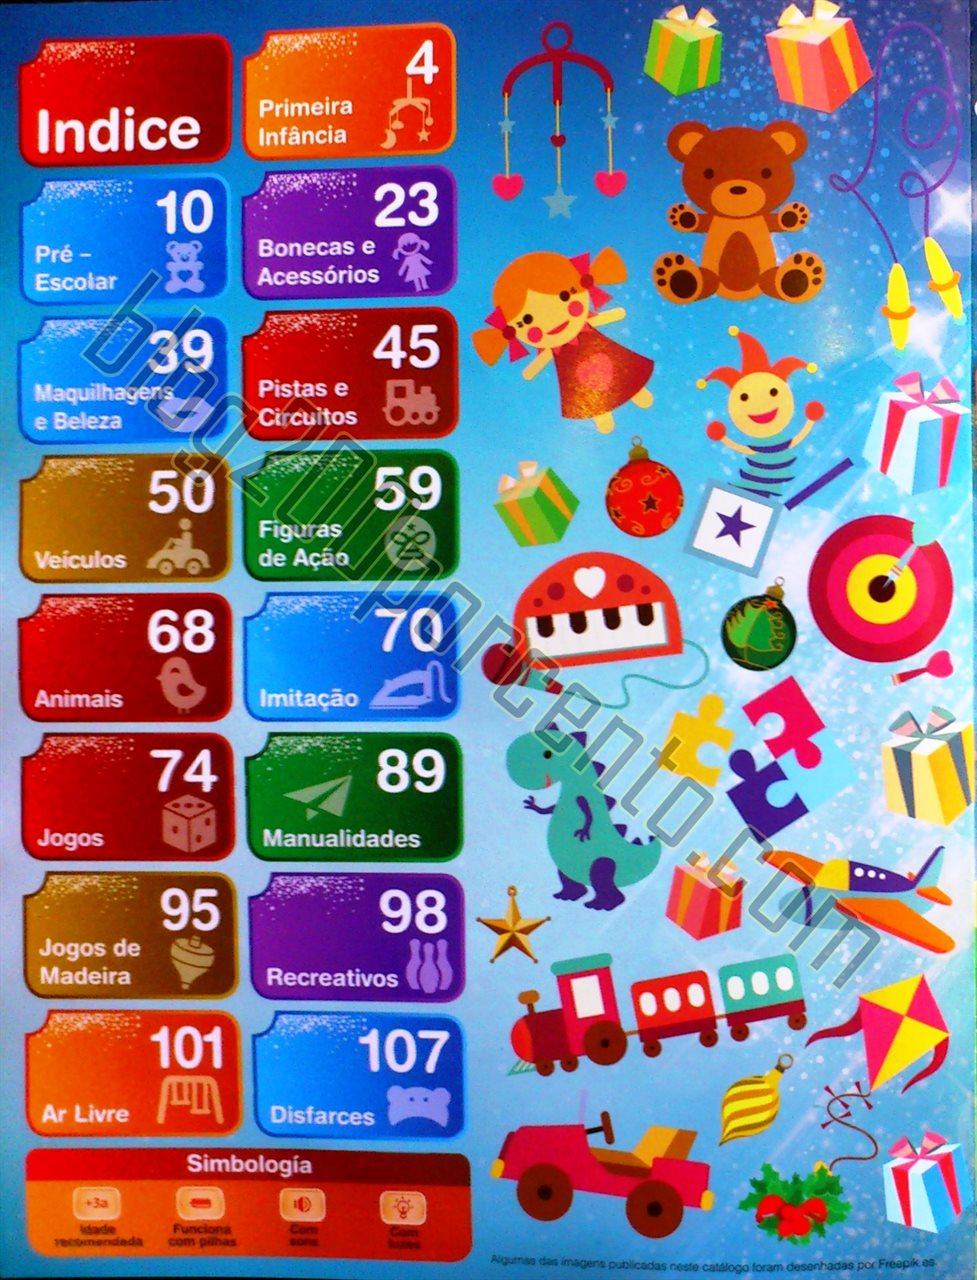 Antevisão Catálogo Natal CENTROXOGO Promoções